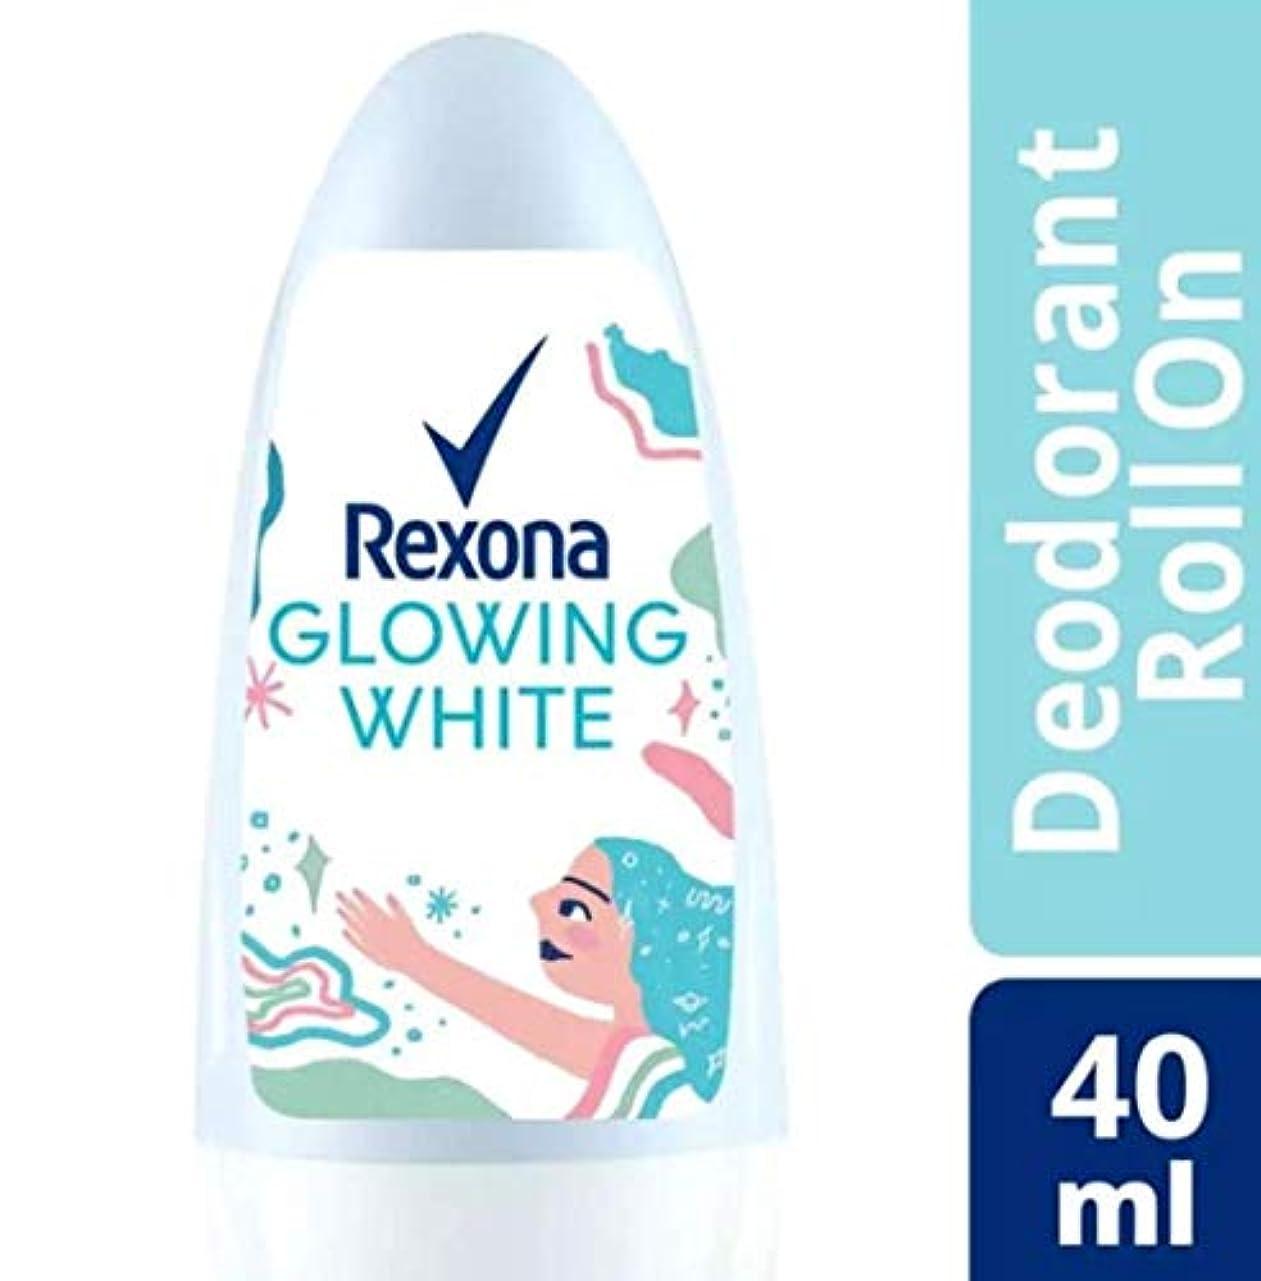 着陸区管理Rexona レクソナ woman 制汗 デオドラント ロールオン GROWING WHITE【アルコール 0%】 ソフトなバラの香り 40ml [並行輸入品]